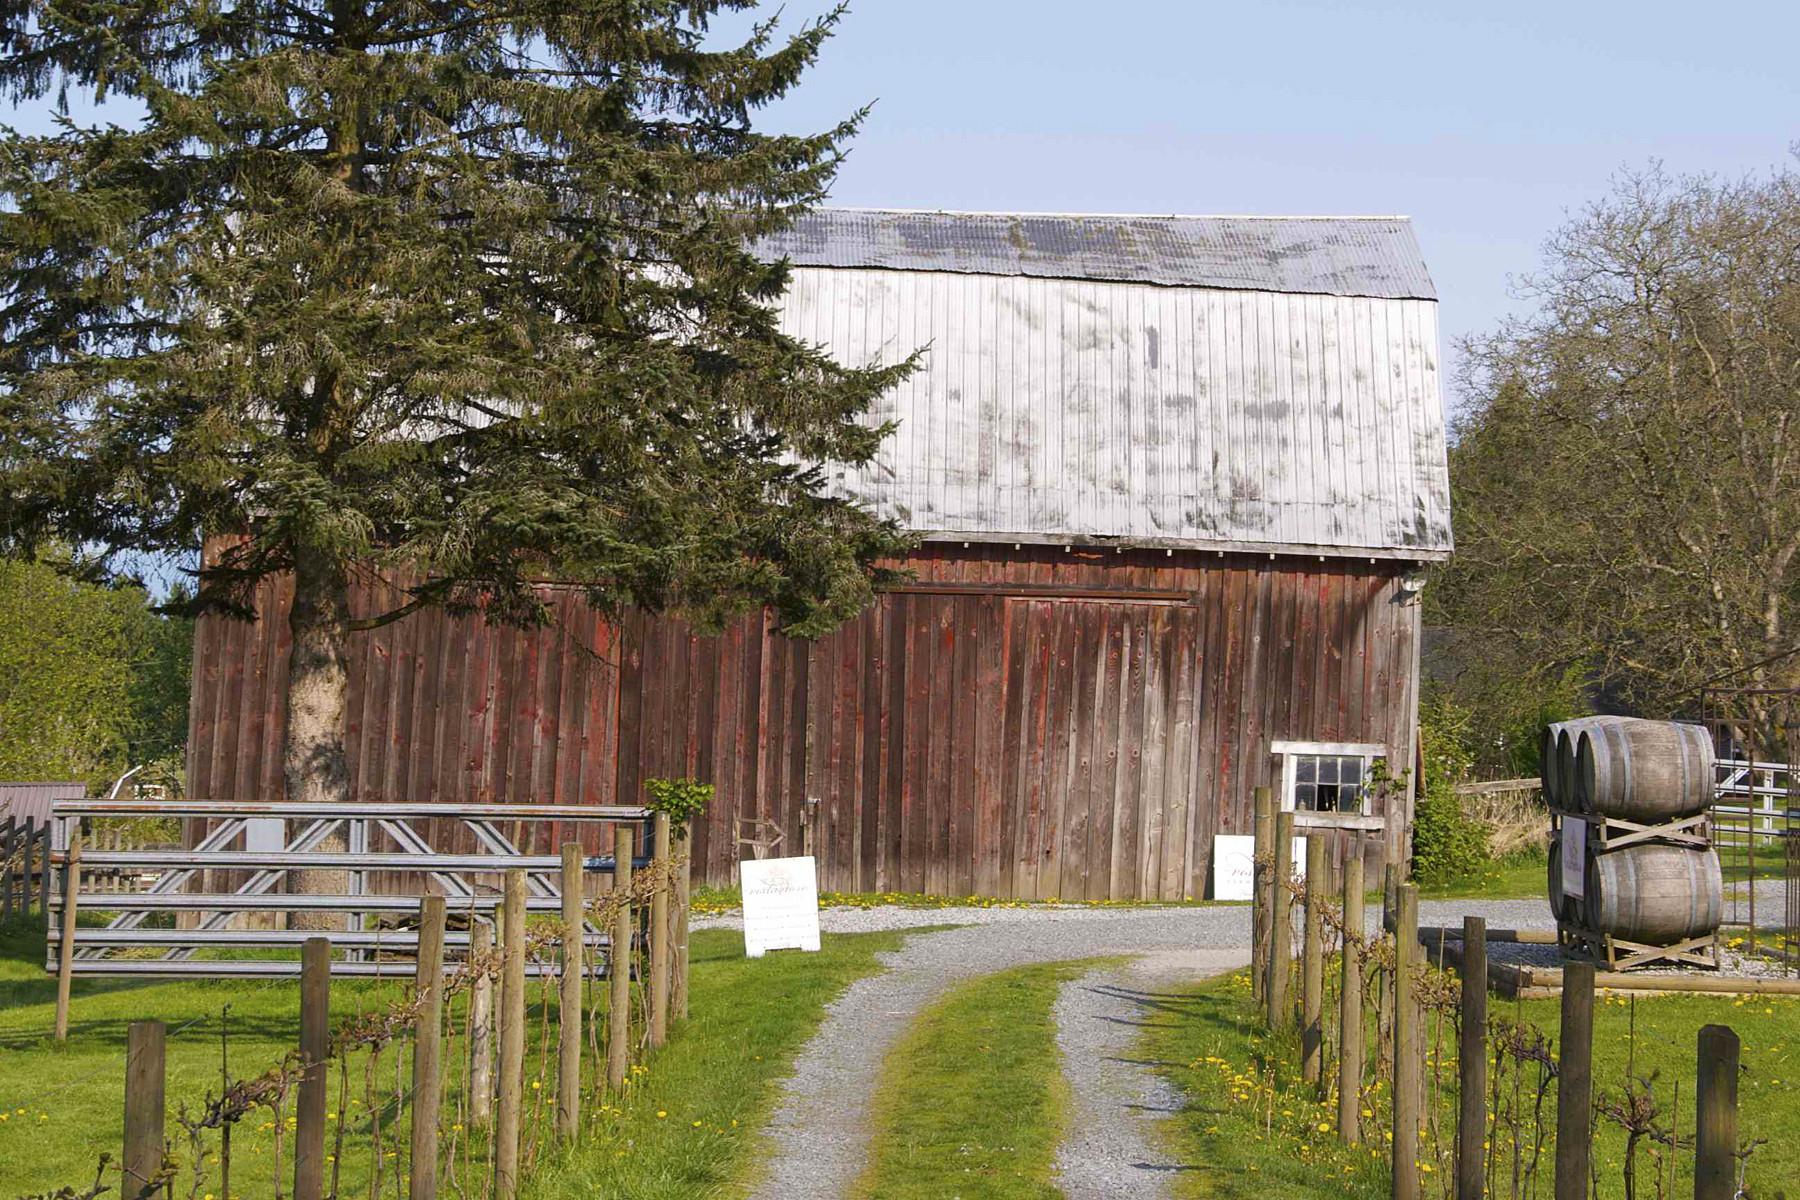 农场 / 牧场 / 种植园 为 销售 在 Vista D'Oro Winery 346 208th Street Langley, 不列颠哥伦比亚省 V2Z 1T7 加拿大